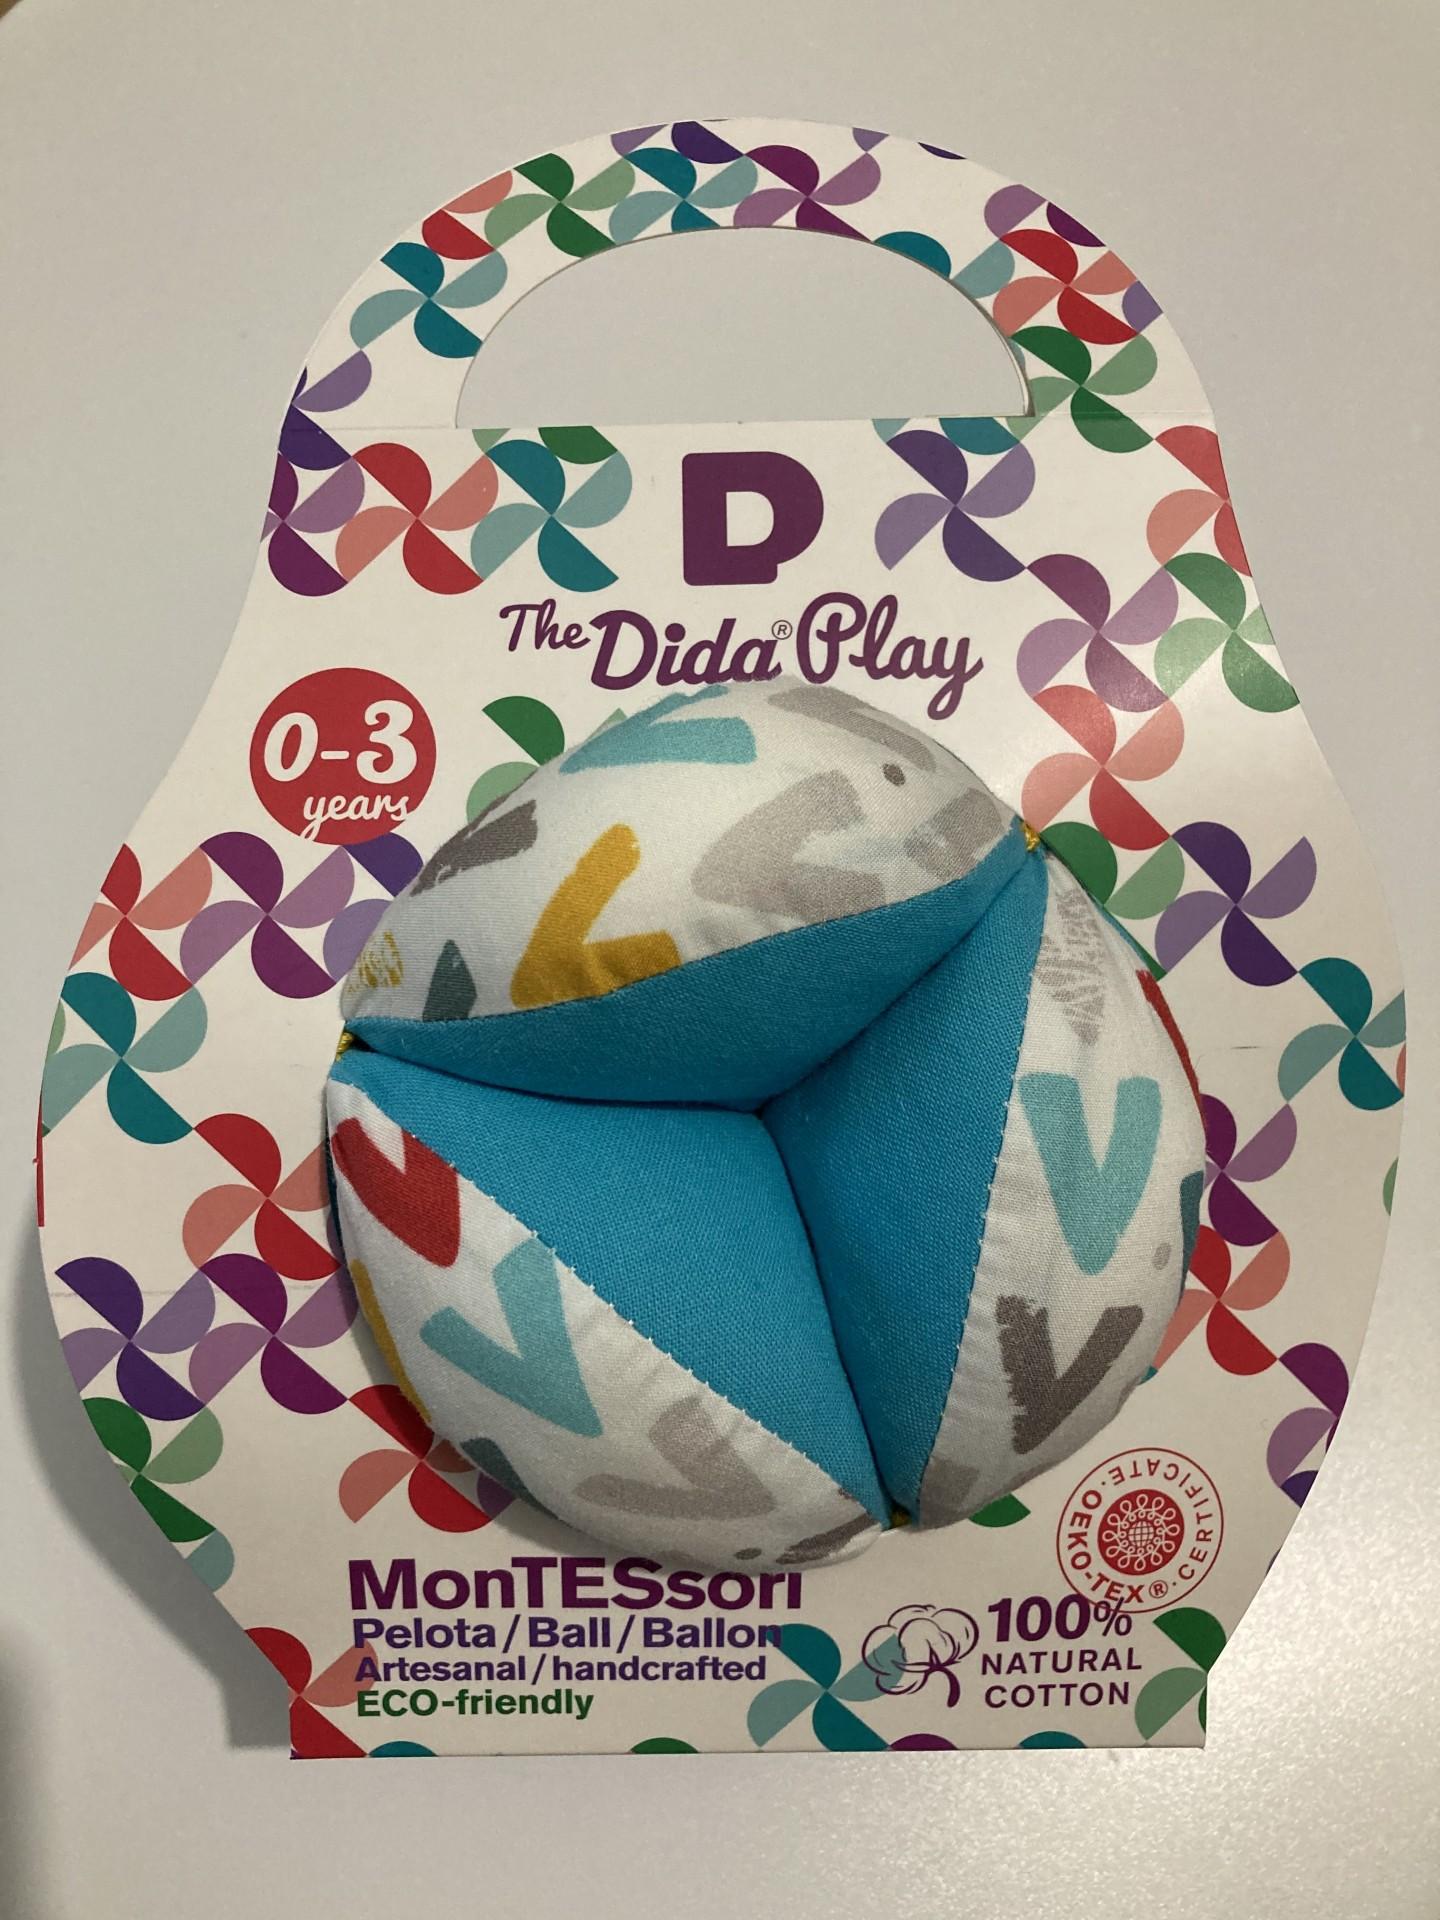 BOLAS MONTESSORI - THE DIDA